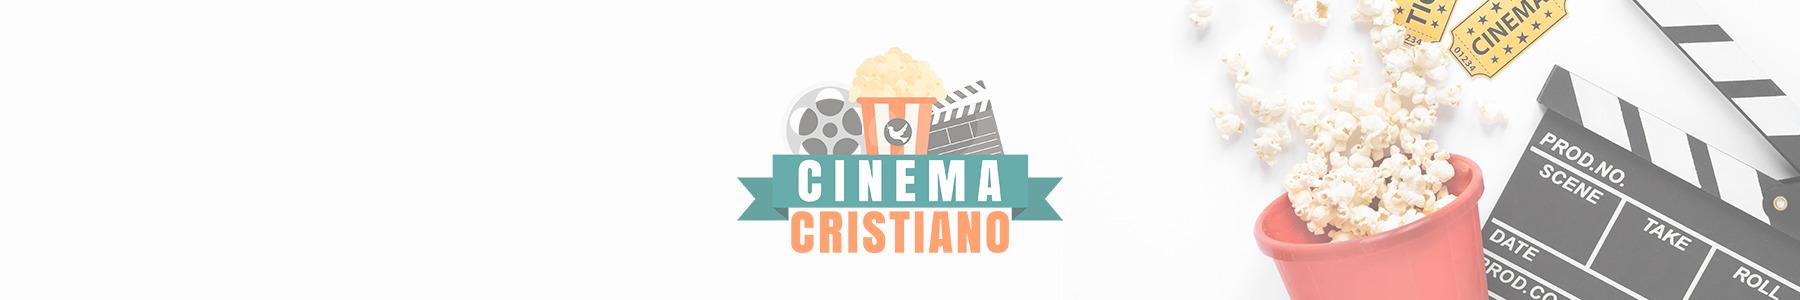 Cinema Cristiano